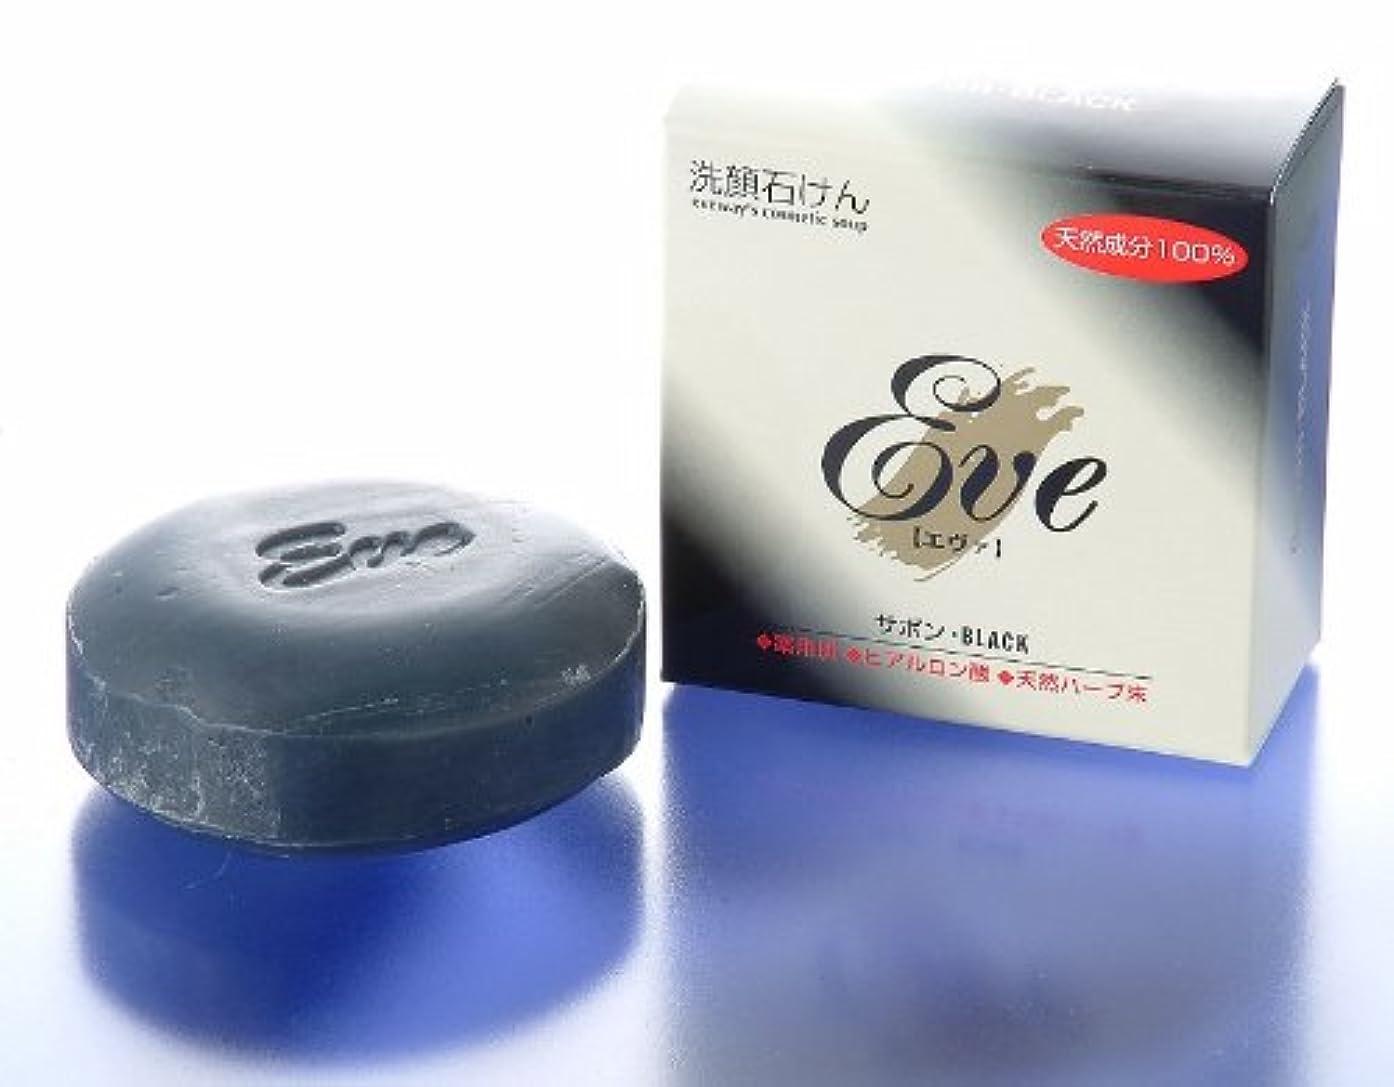 ジュース手配する数値洗顔 化粧石鹸 サボンブラック クレンジングの要らない石鹸です。